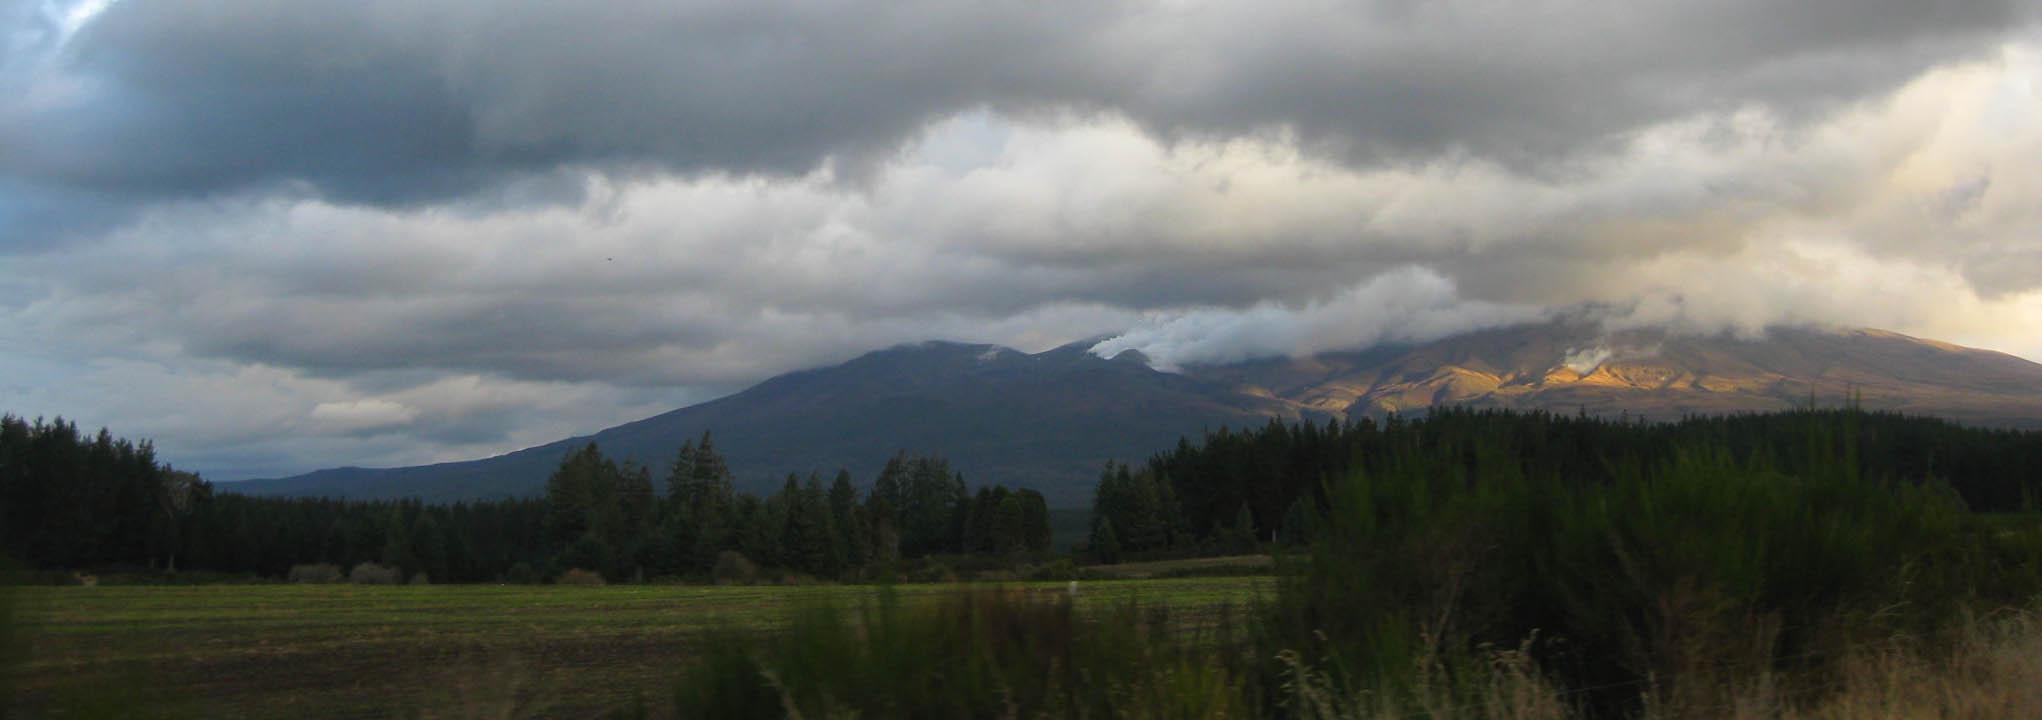 Nouvelle Zélande - Huka falls et lac taupo - Les lubies de louise (18 sur 18)